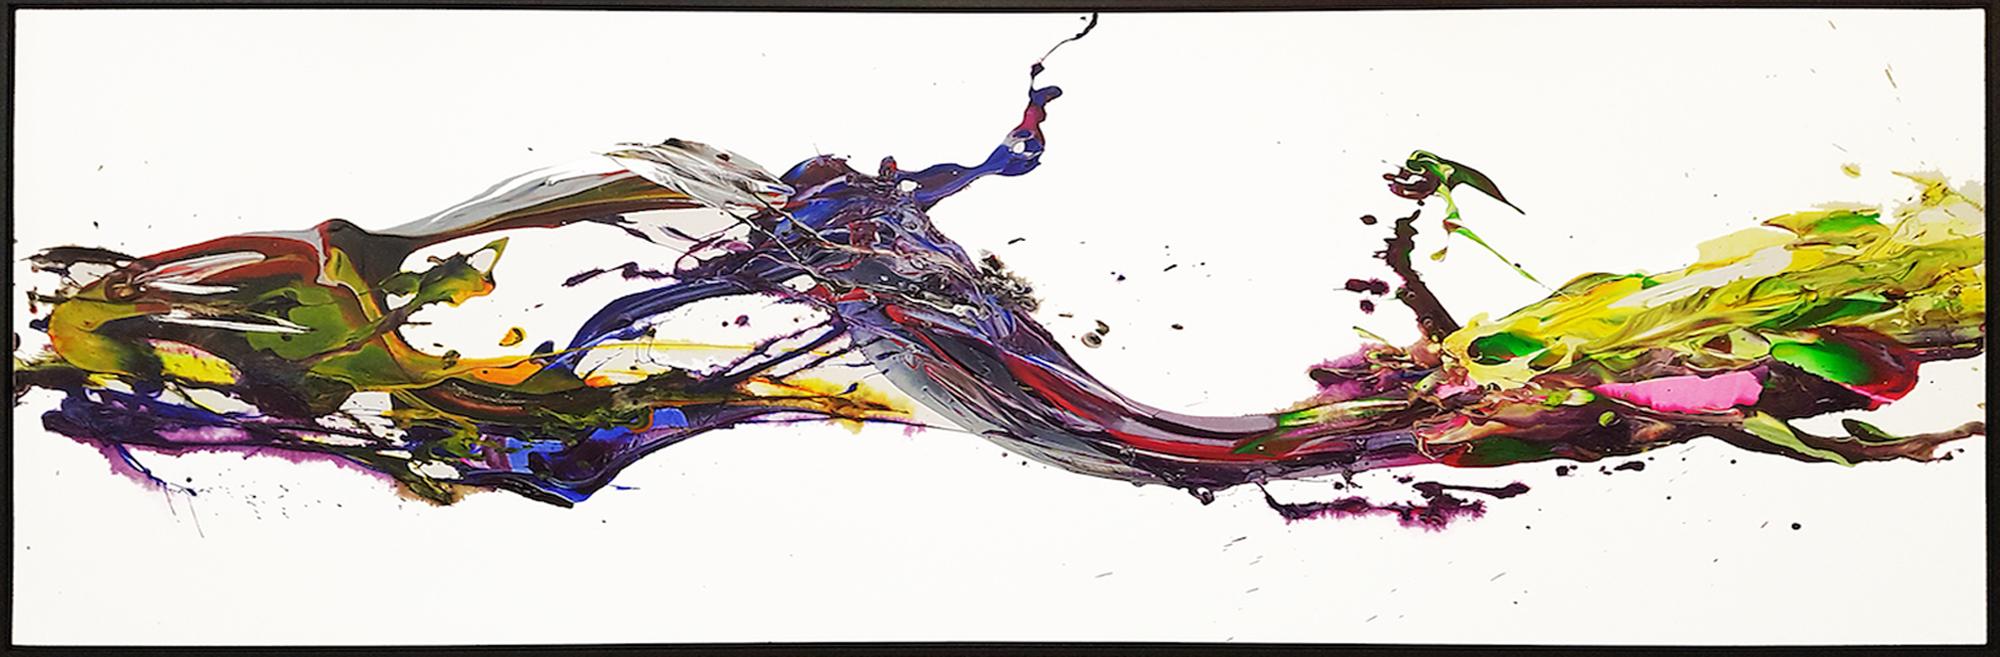 """SP² #43, 2017, acrylic on canvas, 36"""" x 96"""" (91.4 x 243.84 cm)"""